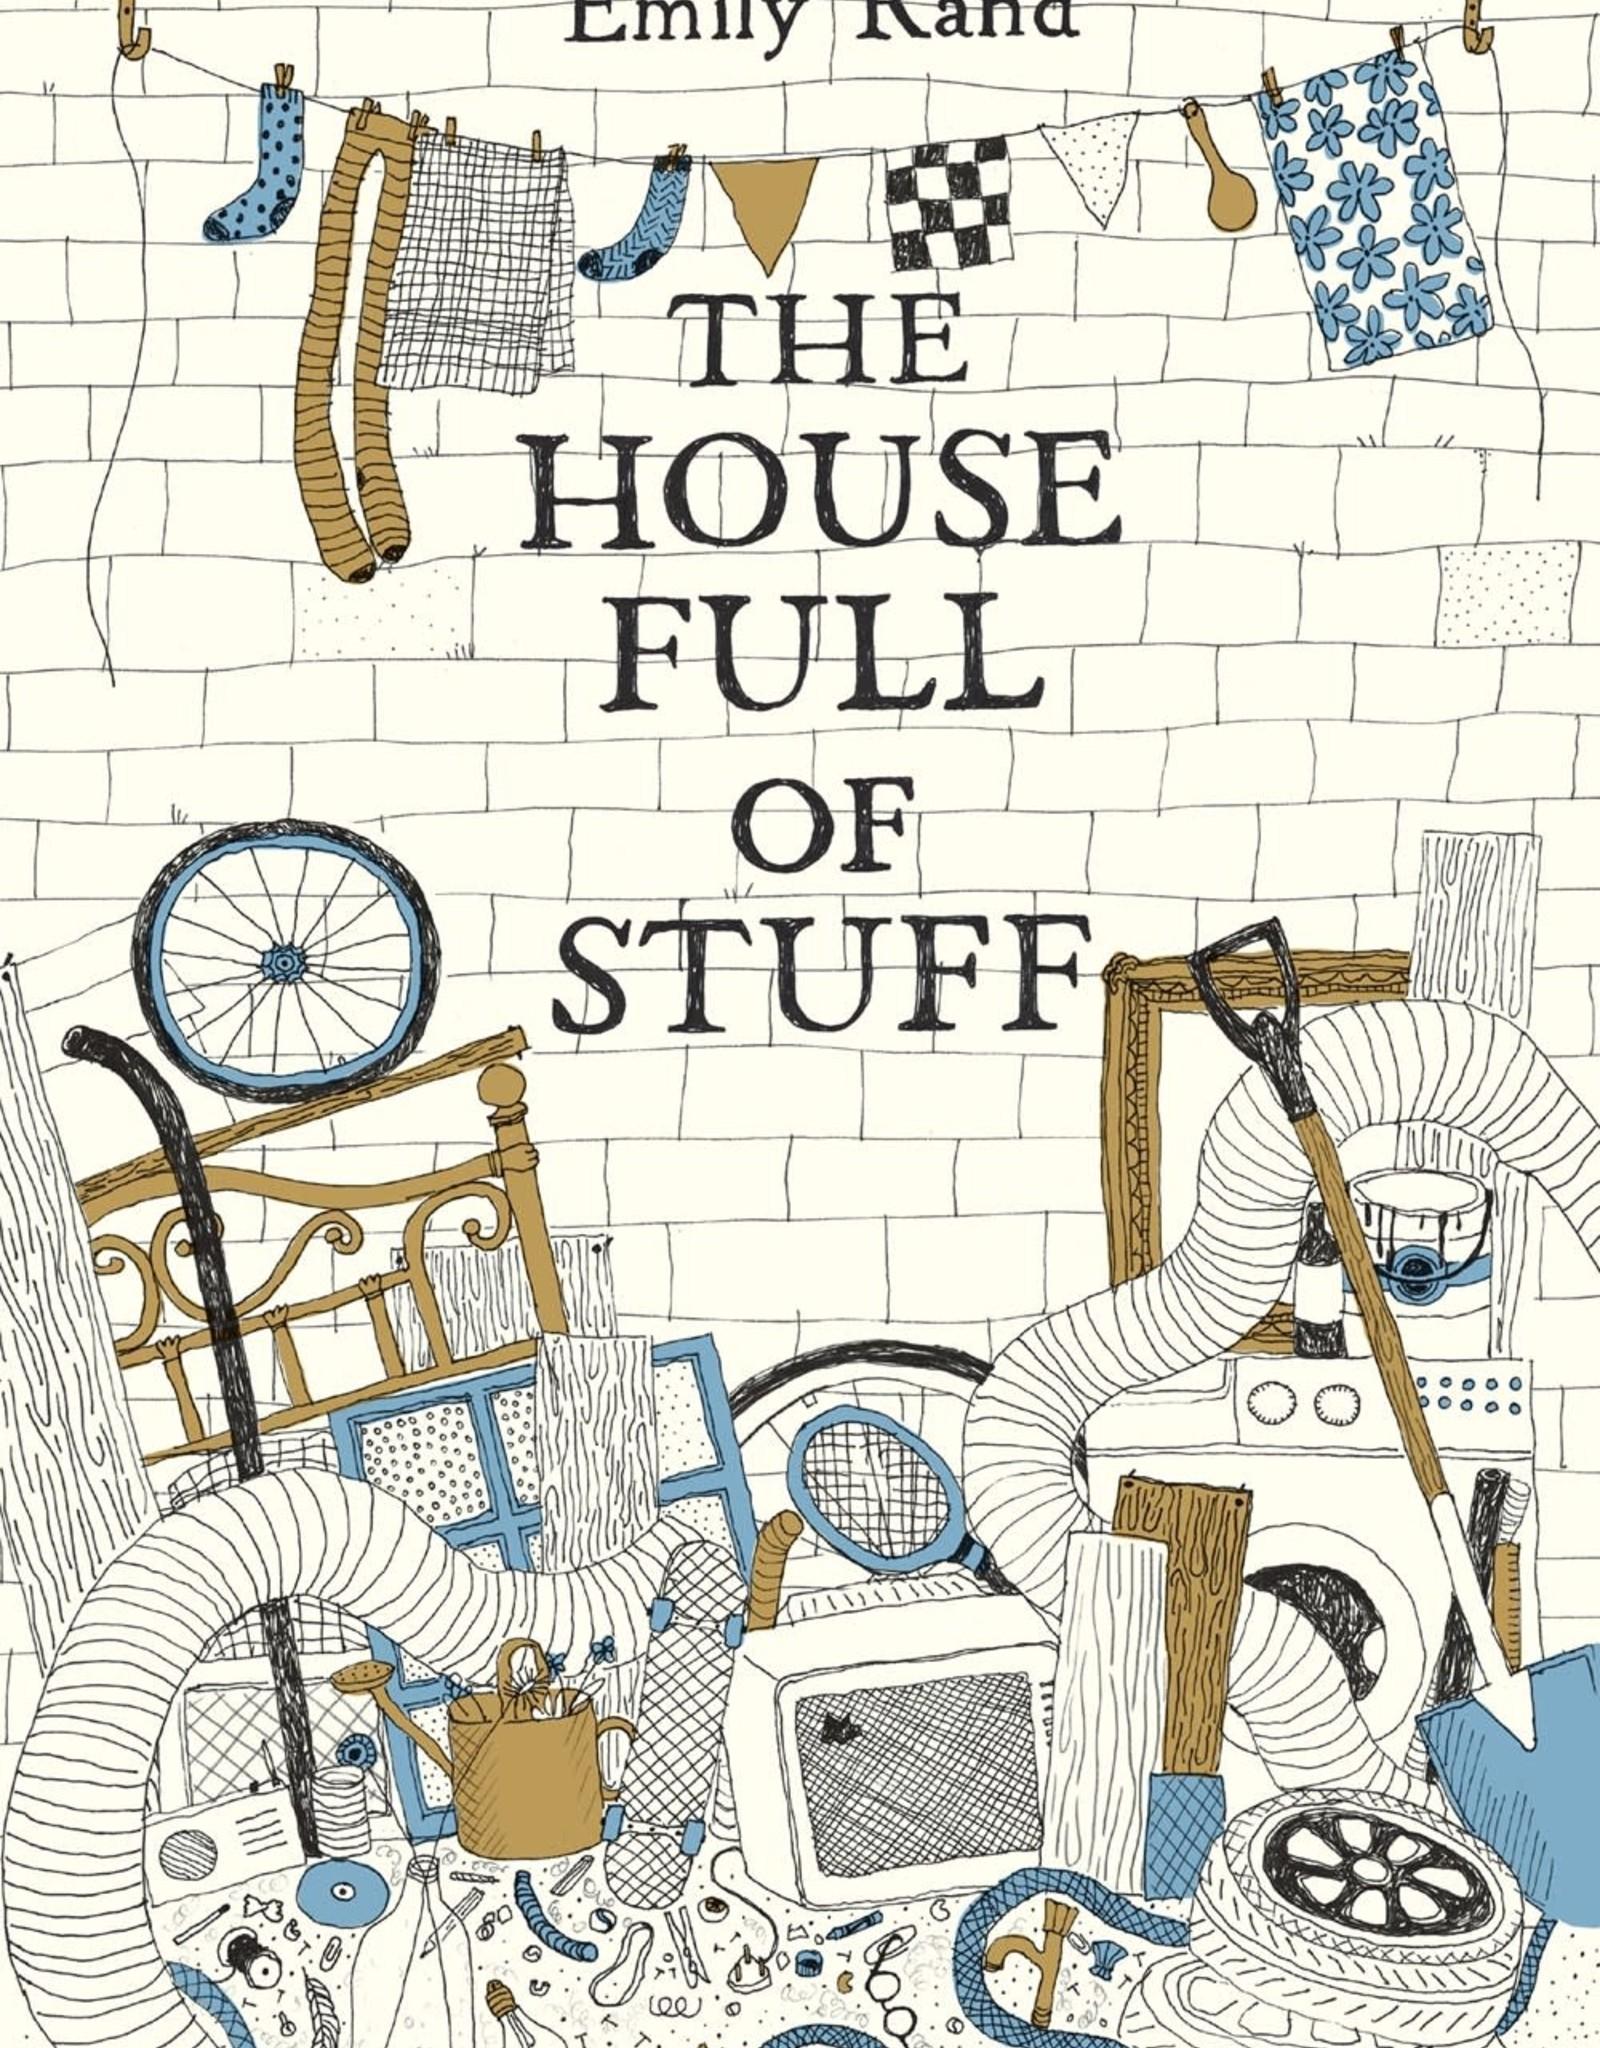 HOUSE FULL OF STUFF